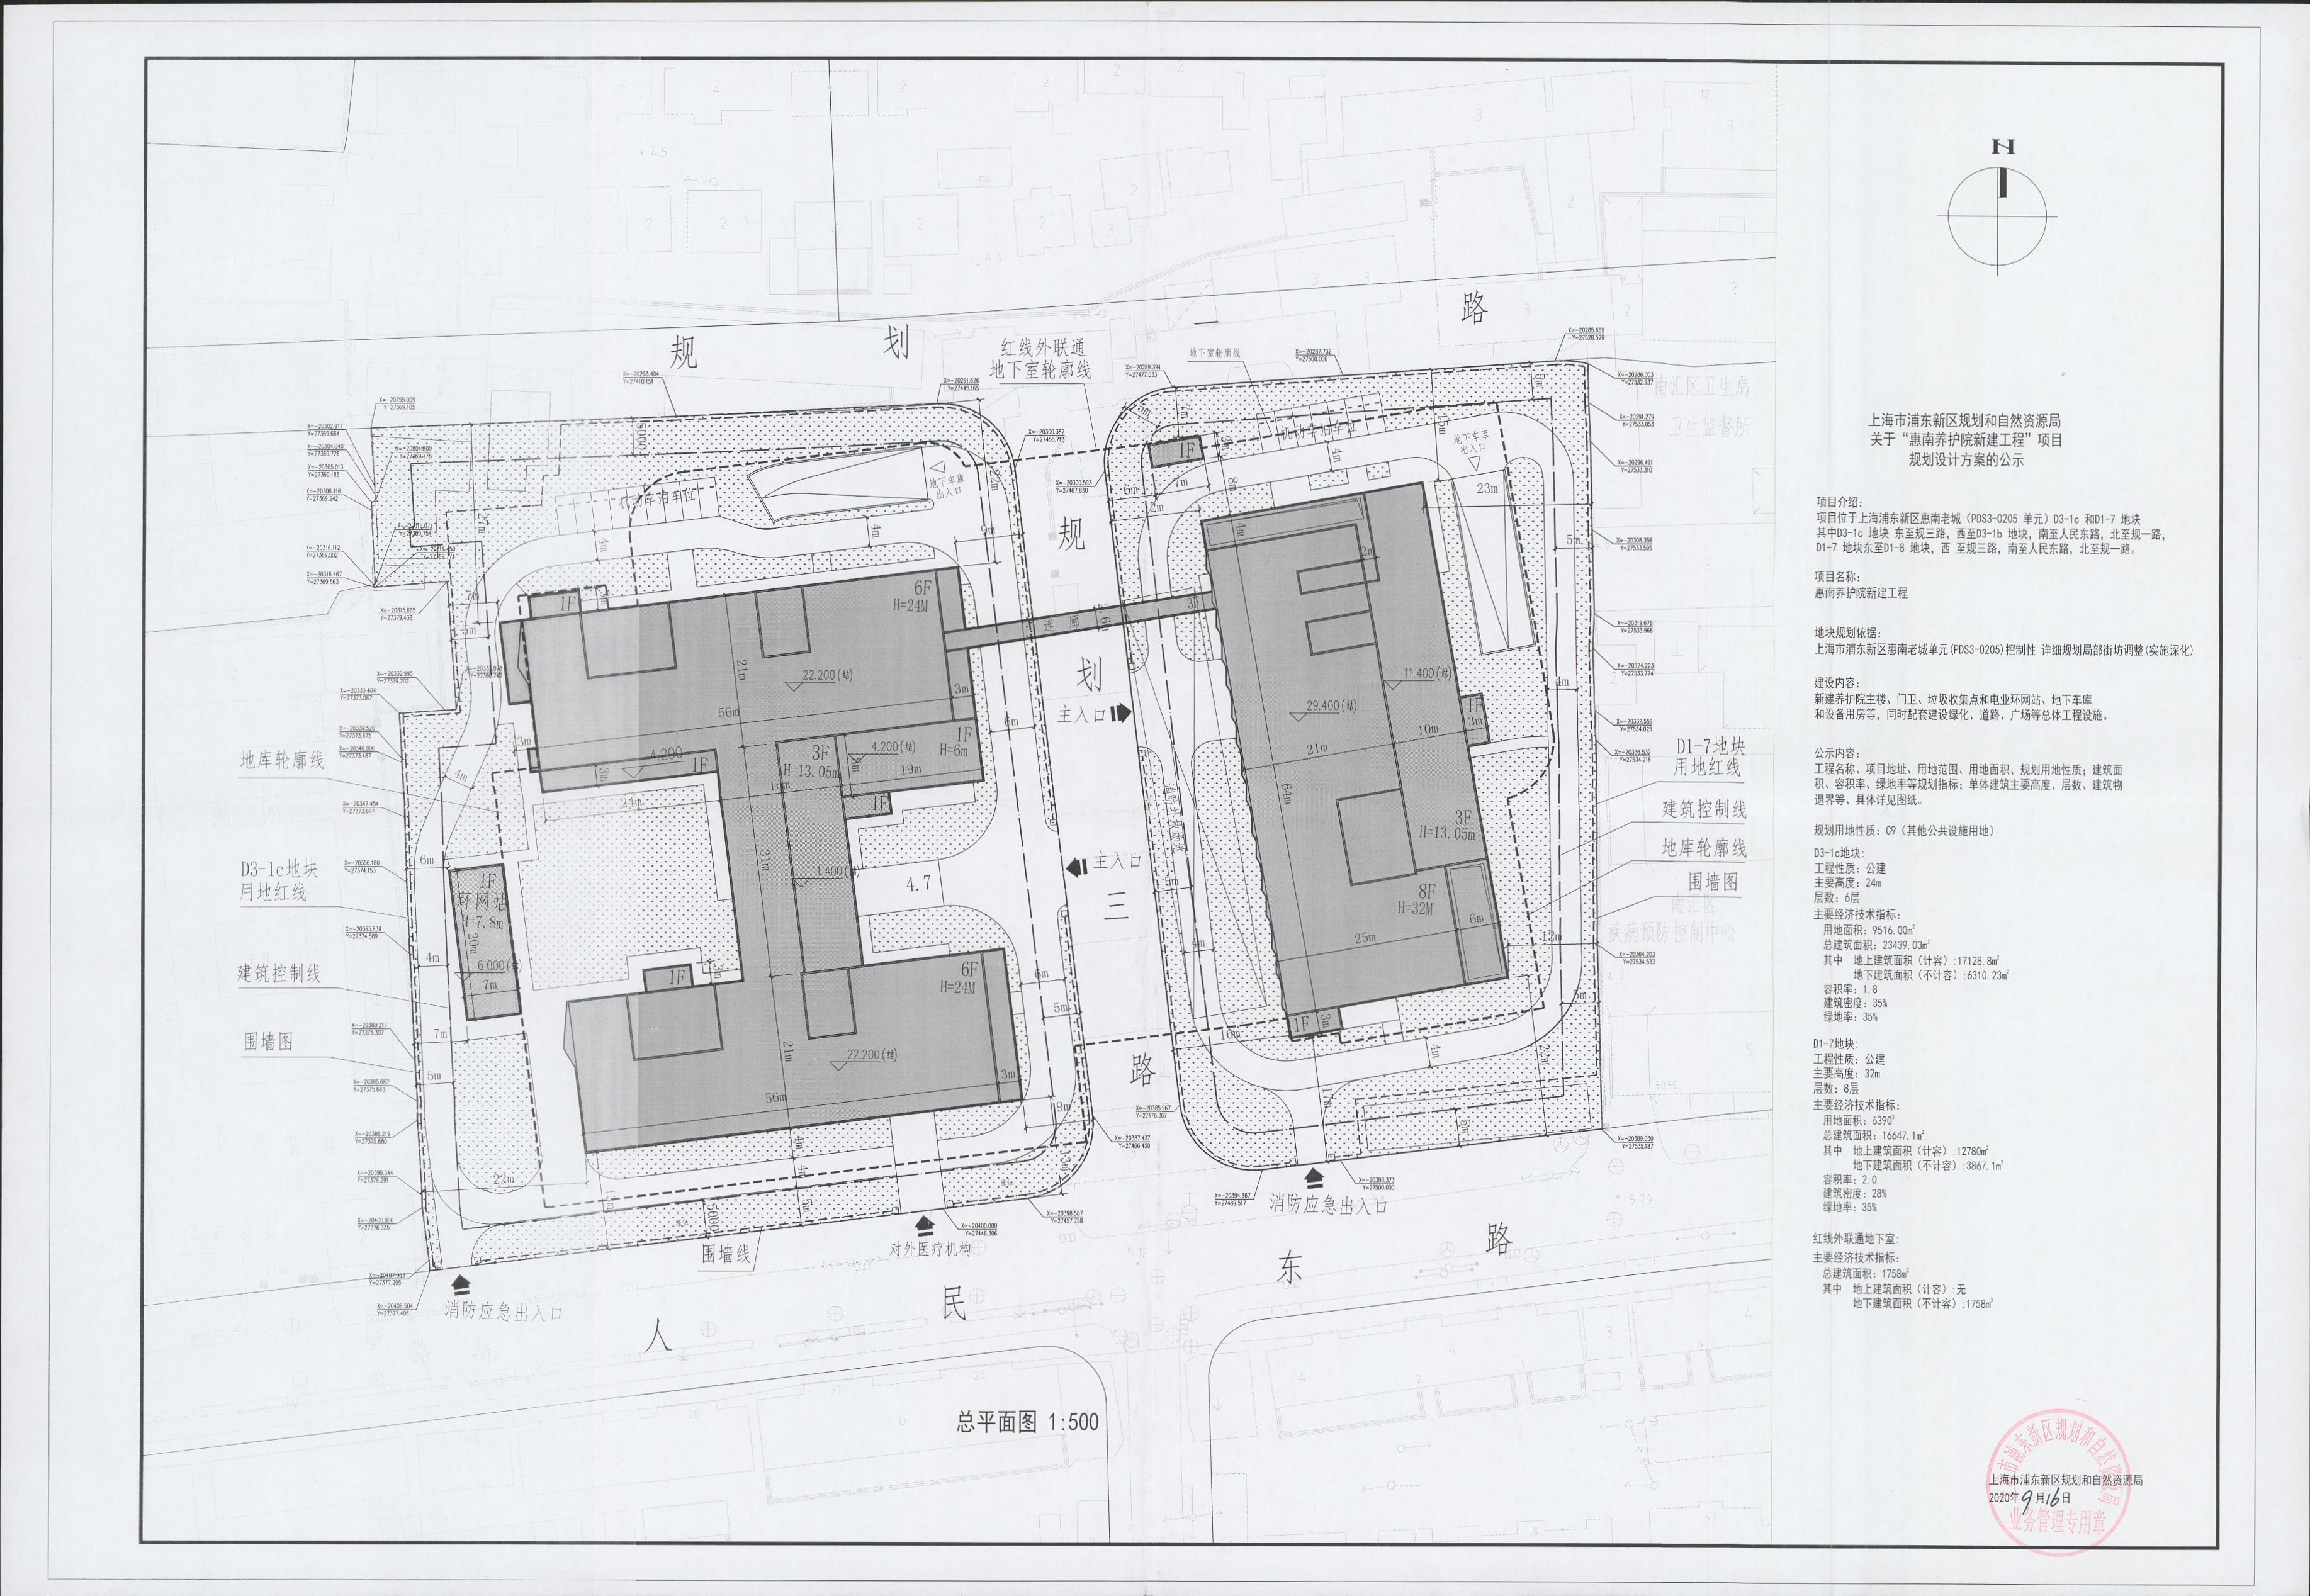 惠南养护院工程图